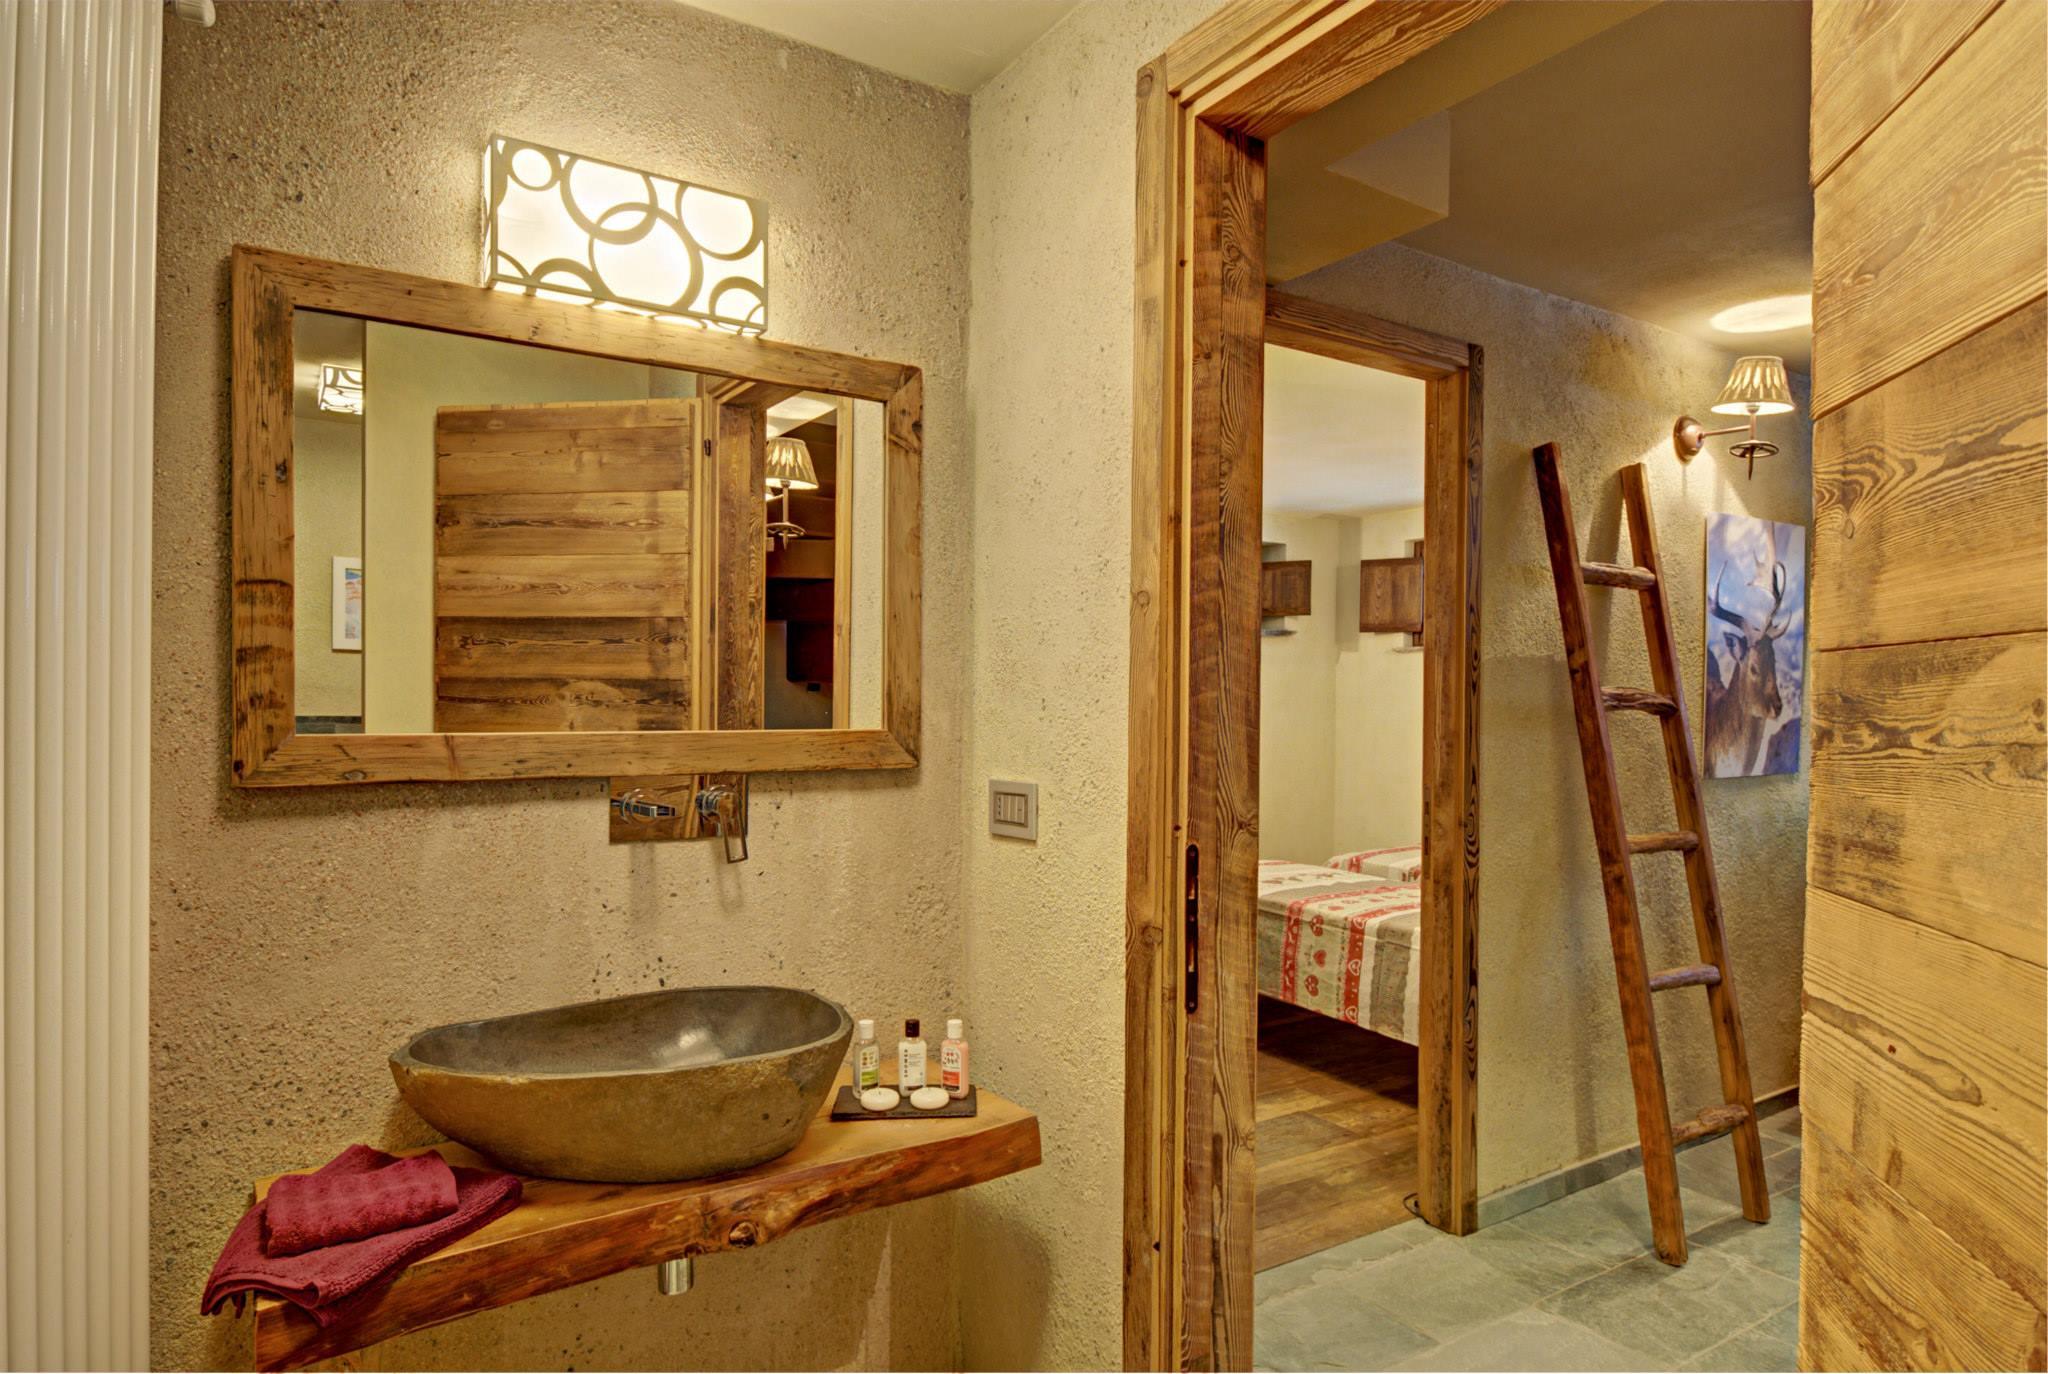 Dise o de interiores r stico uso de madera y piedra - Cuarto bano rustico ...